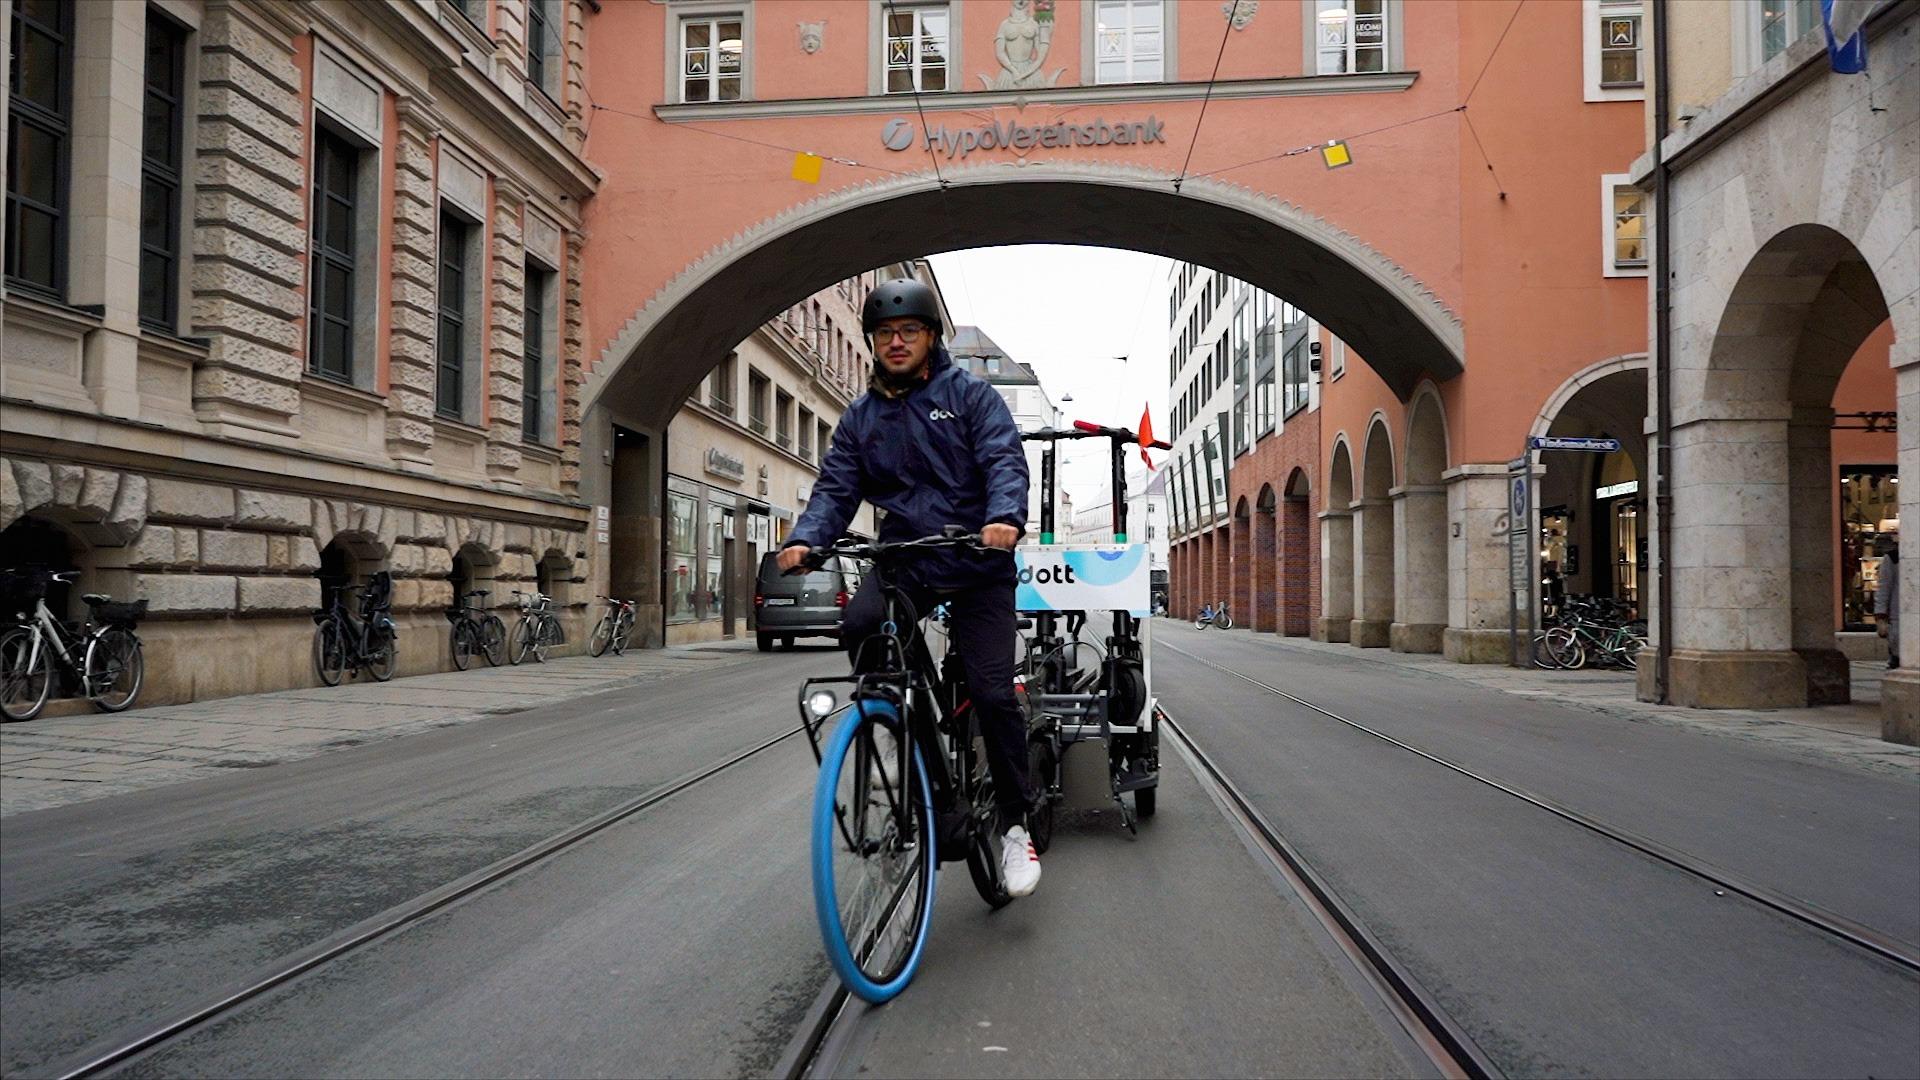 Nüwiel-E-Trailer Transport von E-Scootern